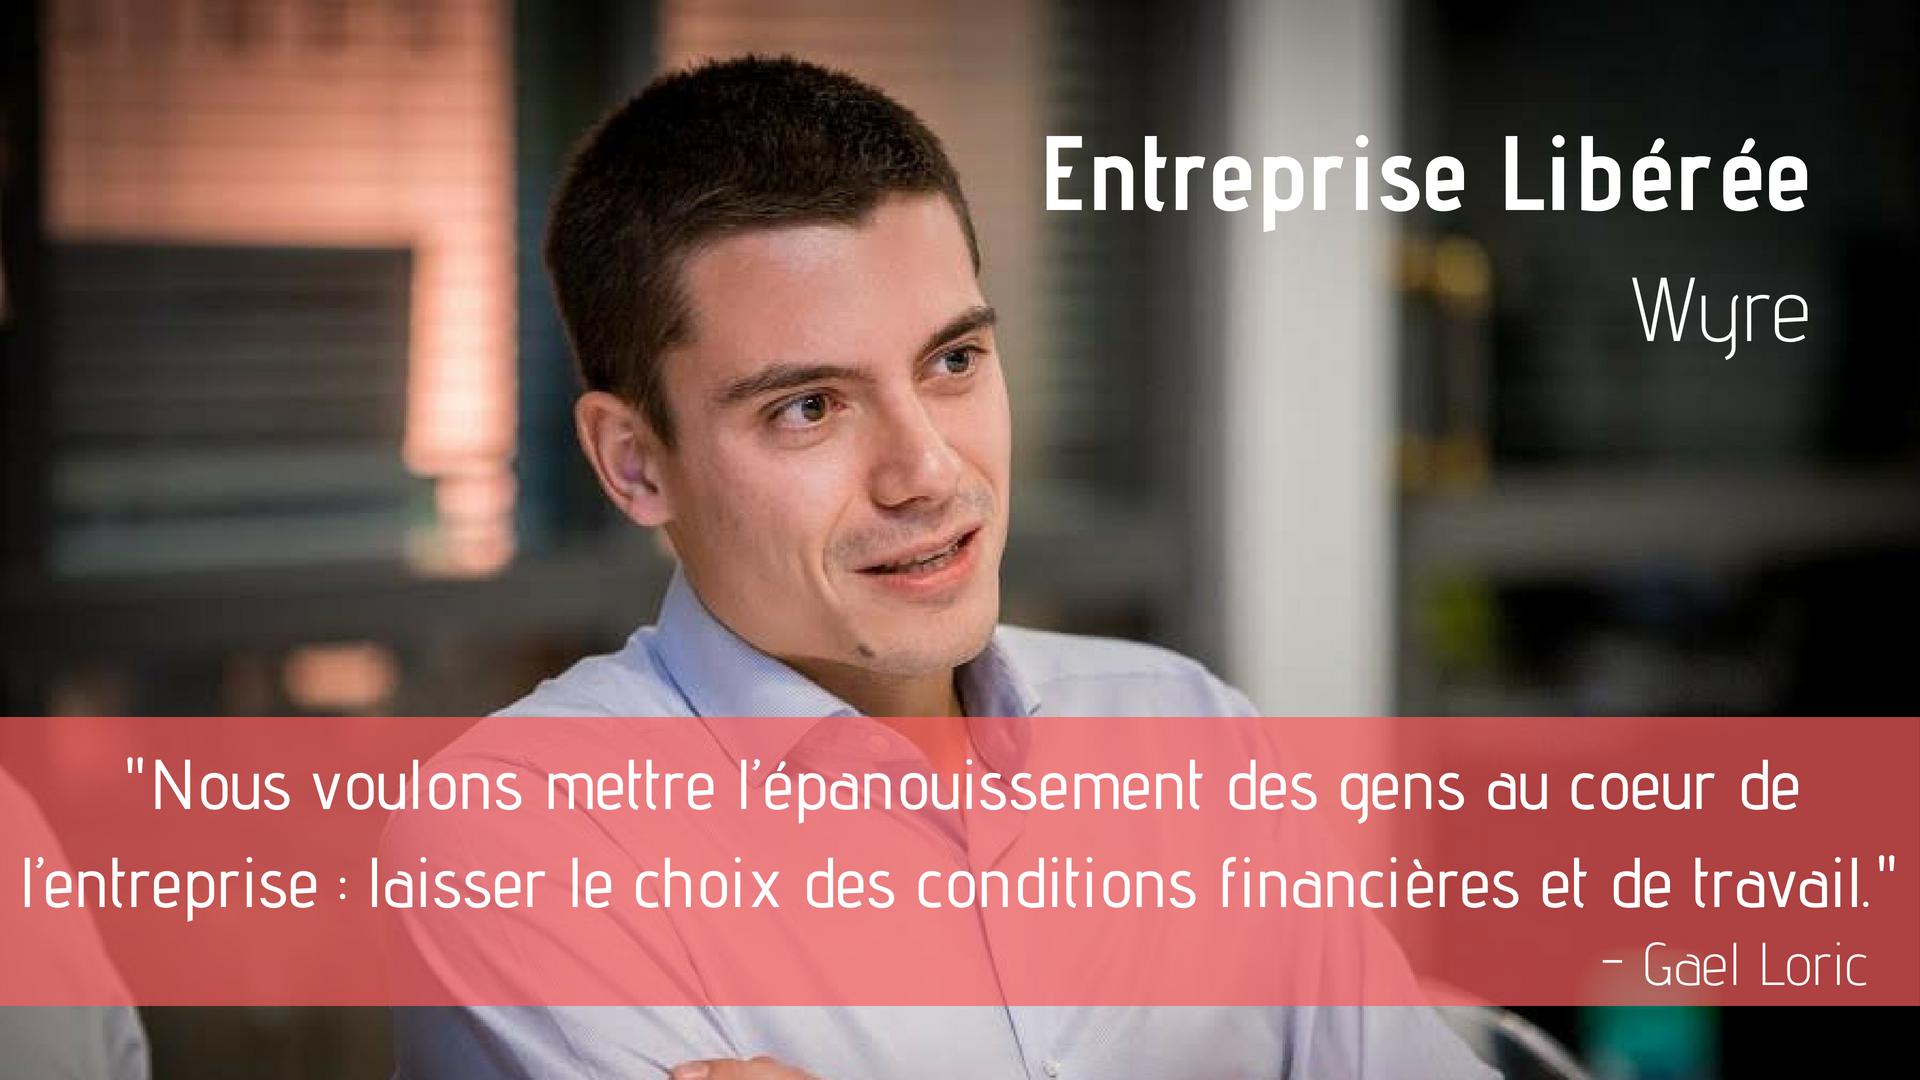 Interview de Gaël Loric, qui a créé une société de conseil libérée